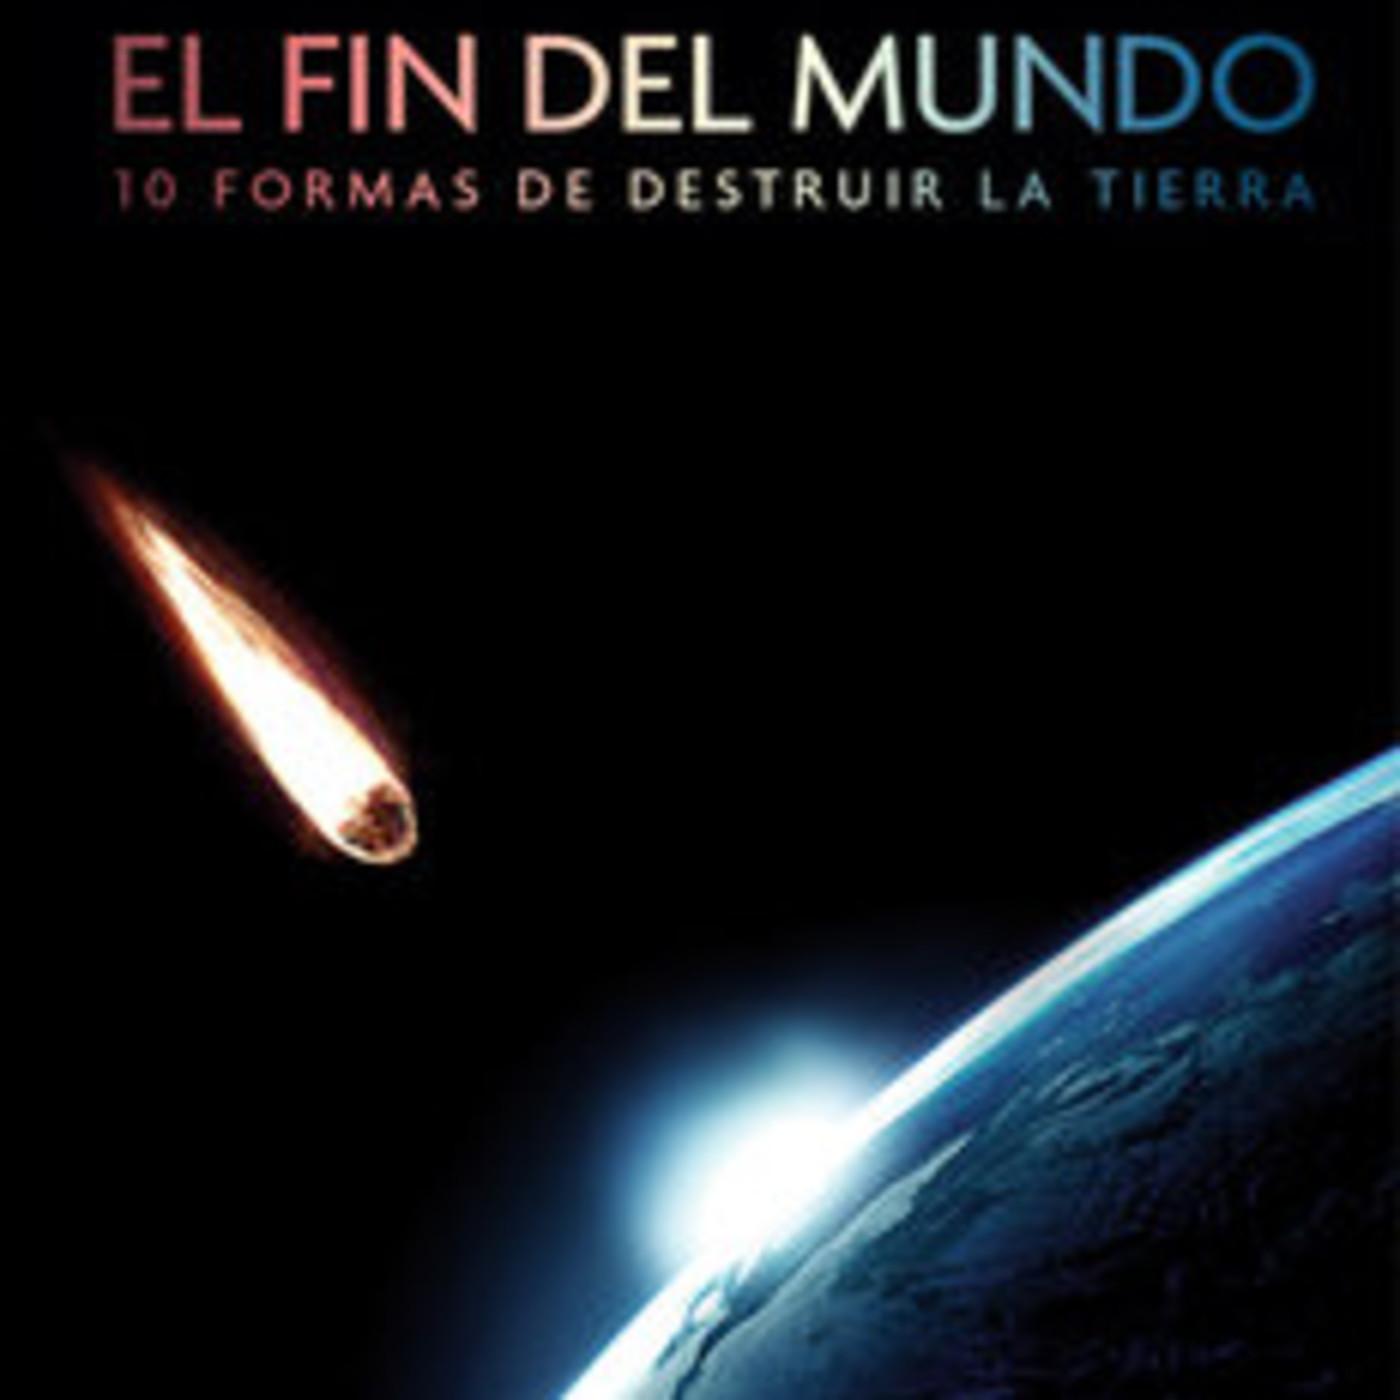 El fin del mundo diez formas de destruir la tierra el for El mundo del mueble sillones